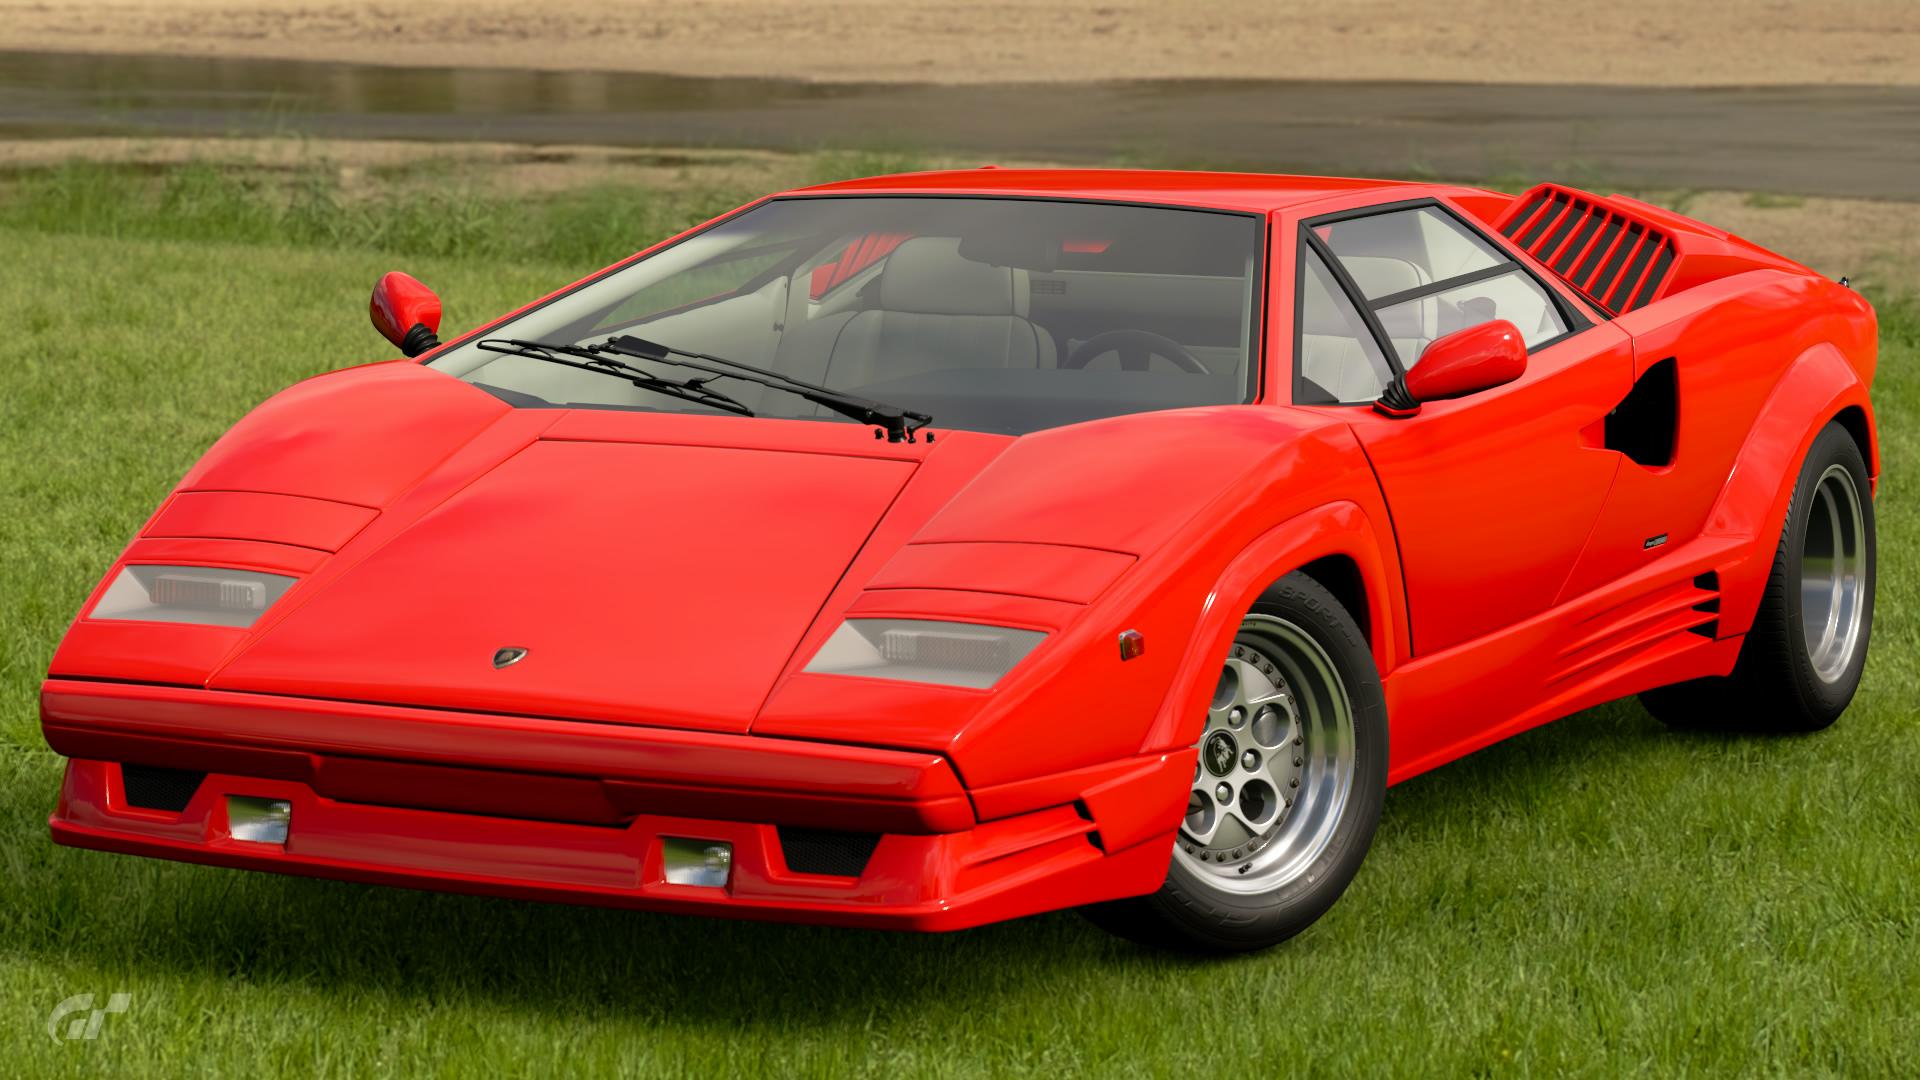 Lamborghini Countach 25th Anniversary 88 Gran Turismo Wiki